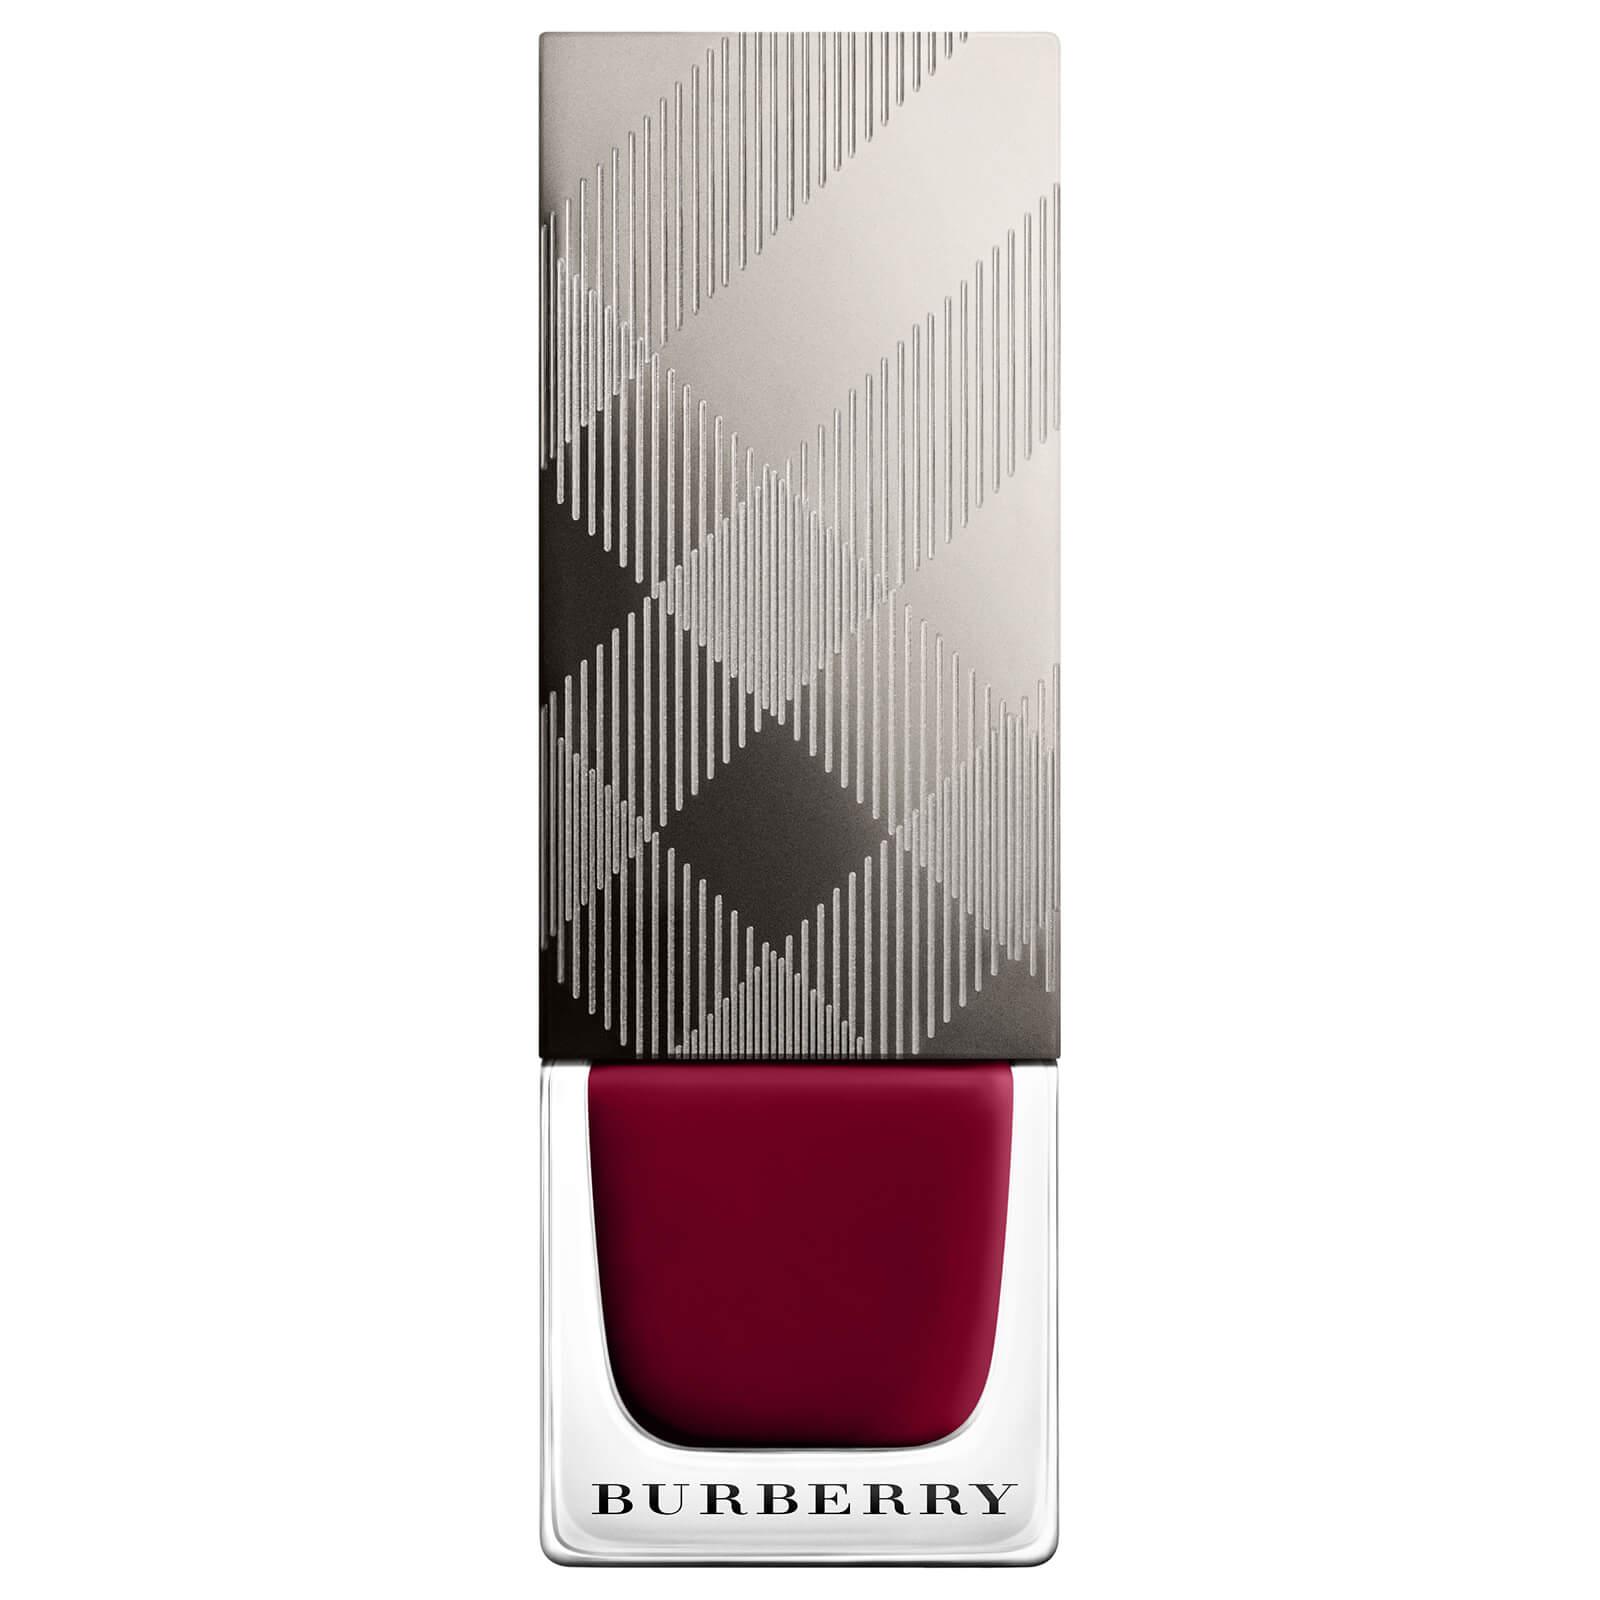 Burberry Nail Polish 8ml (Various Shades) - Oxblood No. 303